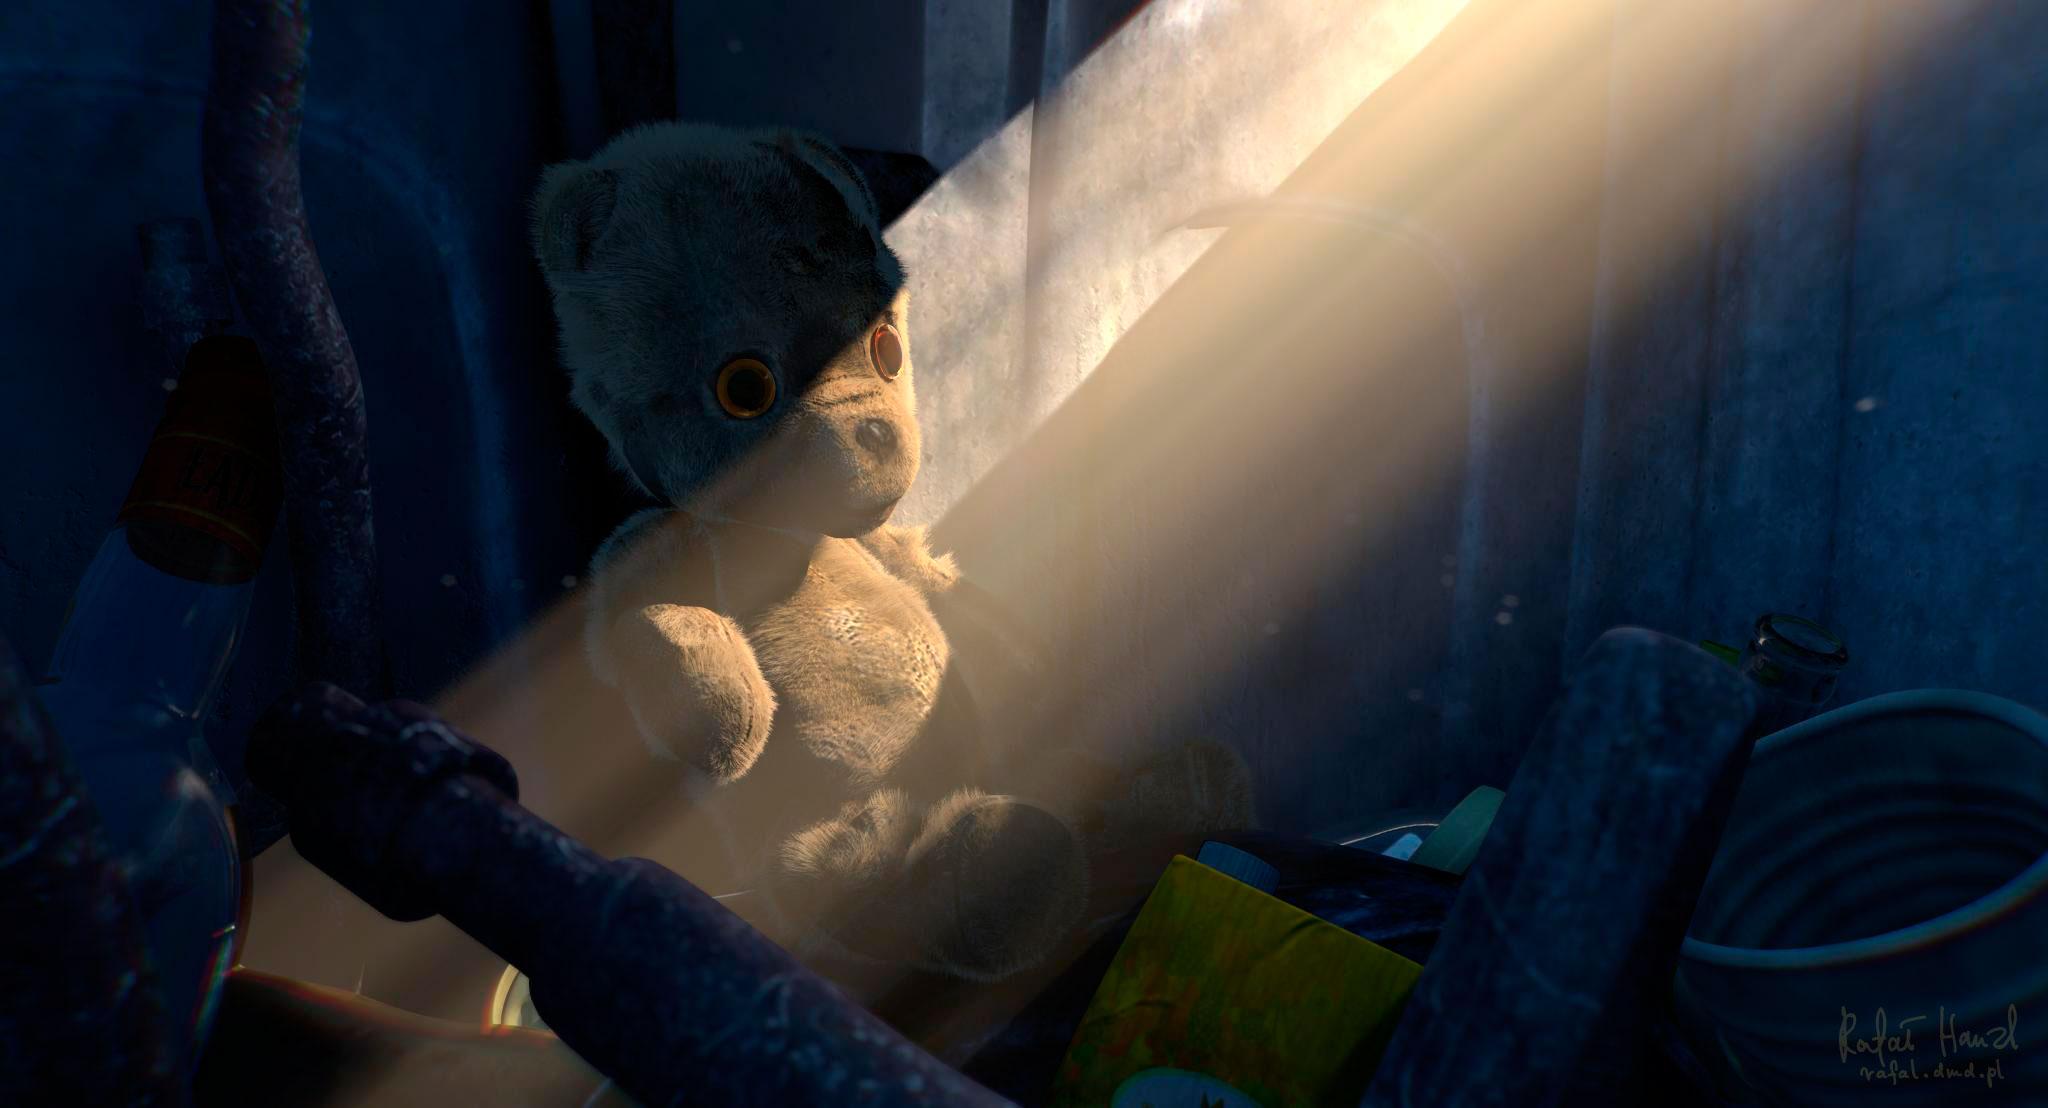 Rebirth: the teddy bear